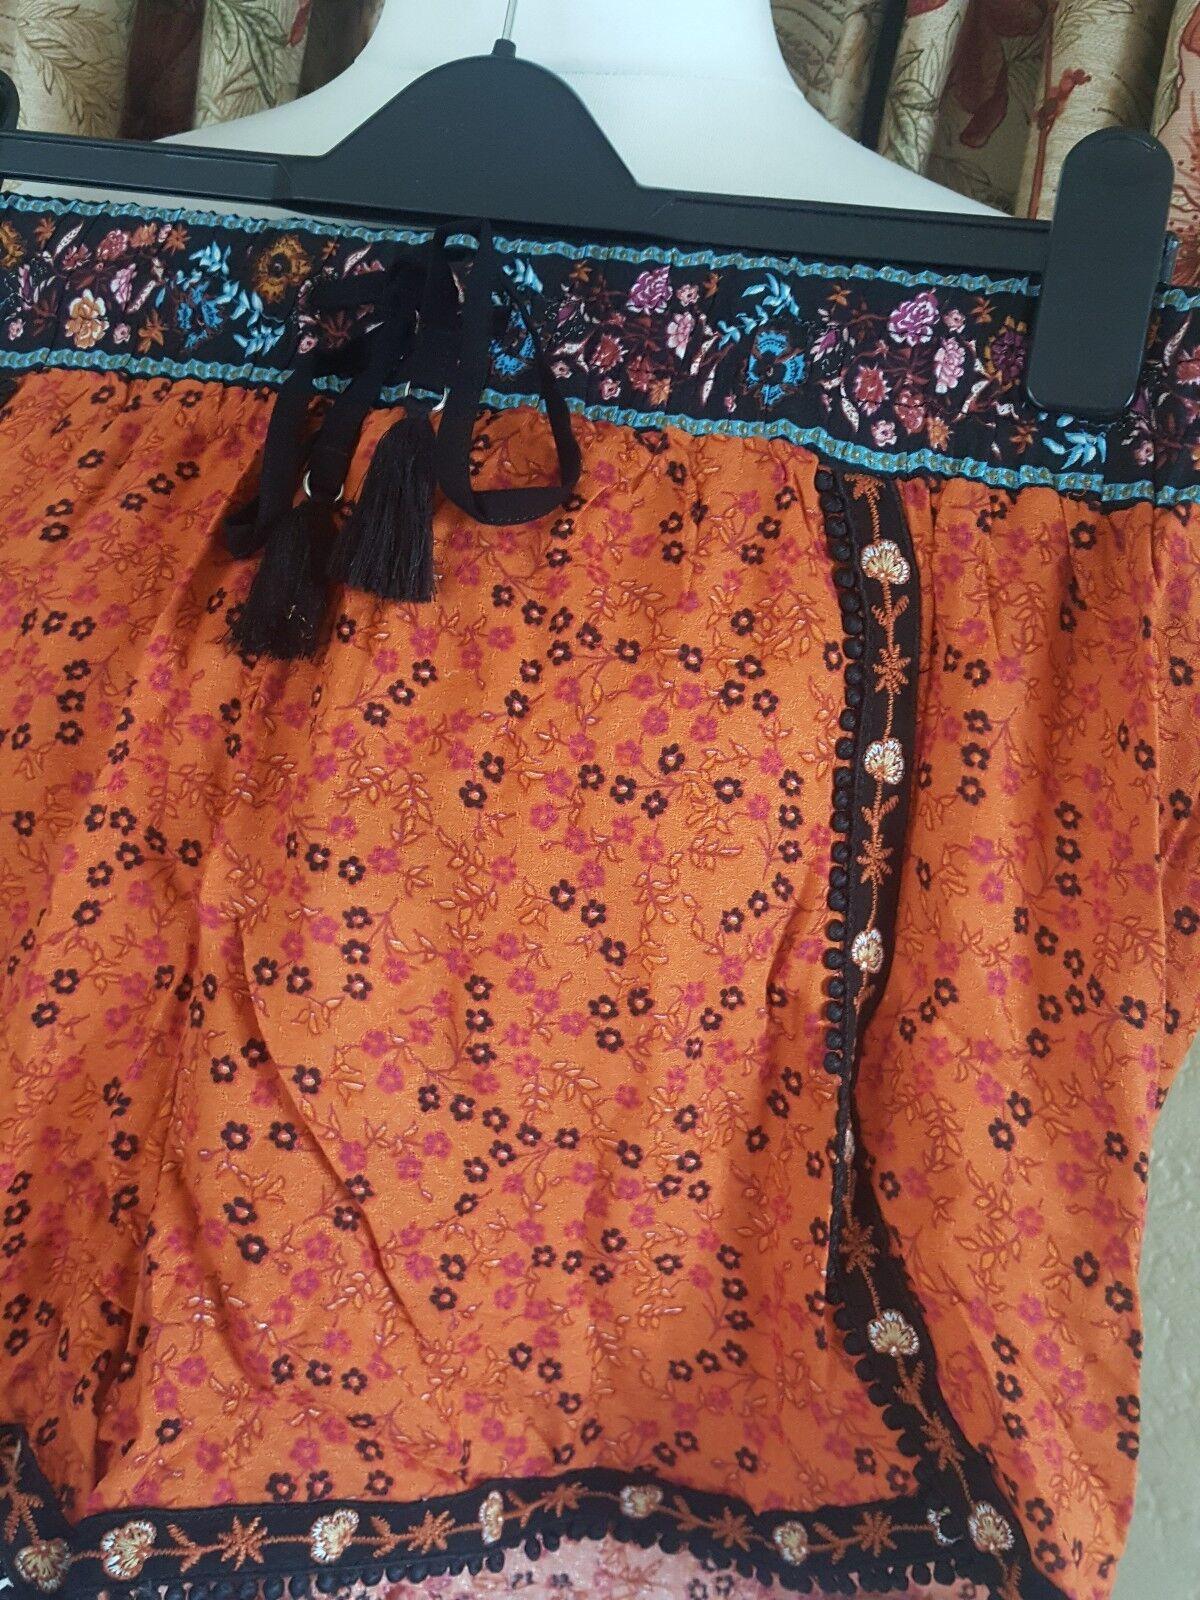 Señoras Pantalones cortos de óxido Runner-nueva Ditsy bordado Runner-nueva óxido Imagen Talla 16-vacaciones de verano f08b86